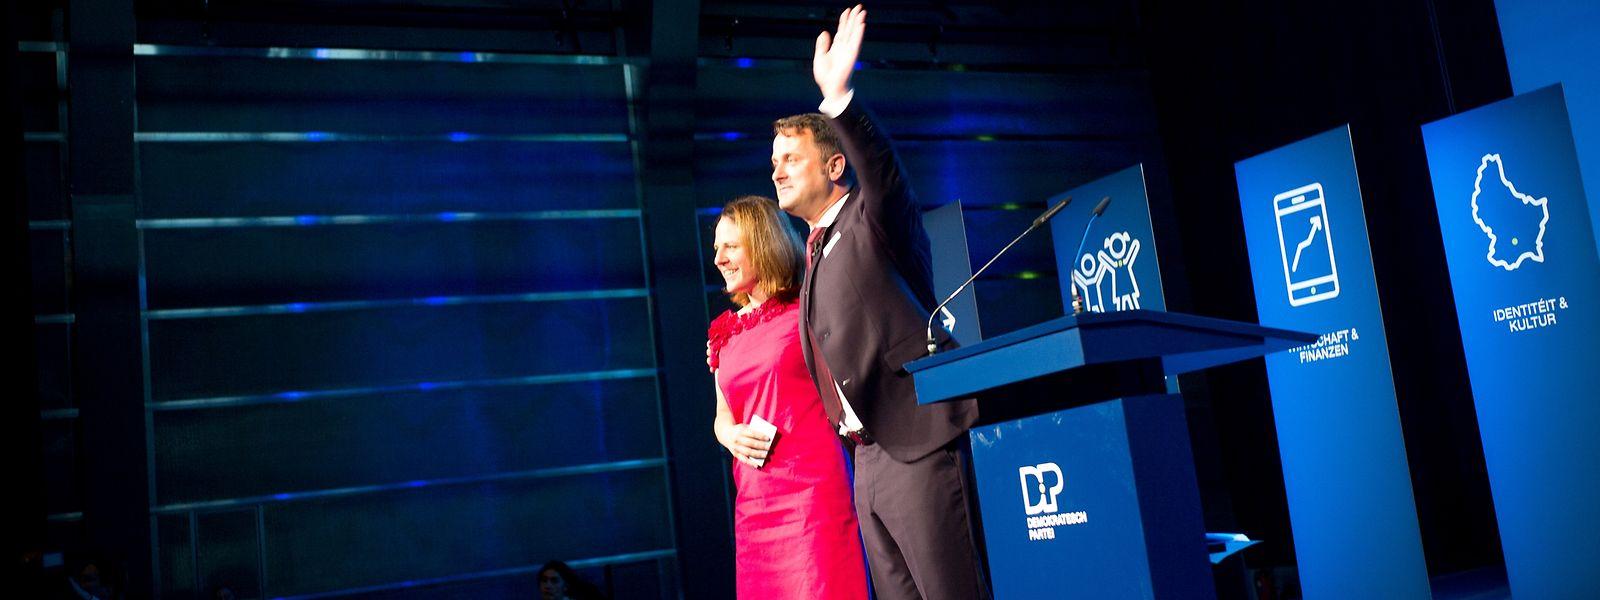 Am Sonntag präsentiert die DP ihr Wahlprogramm.